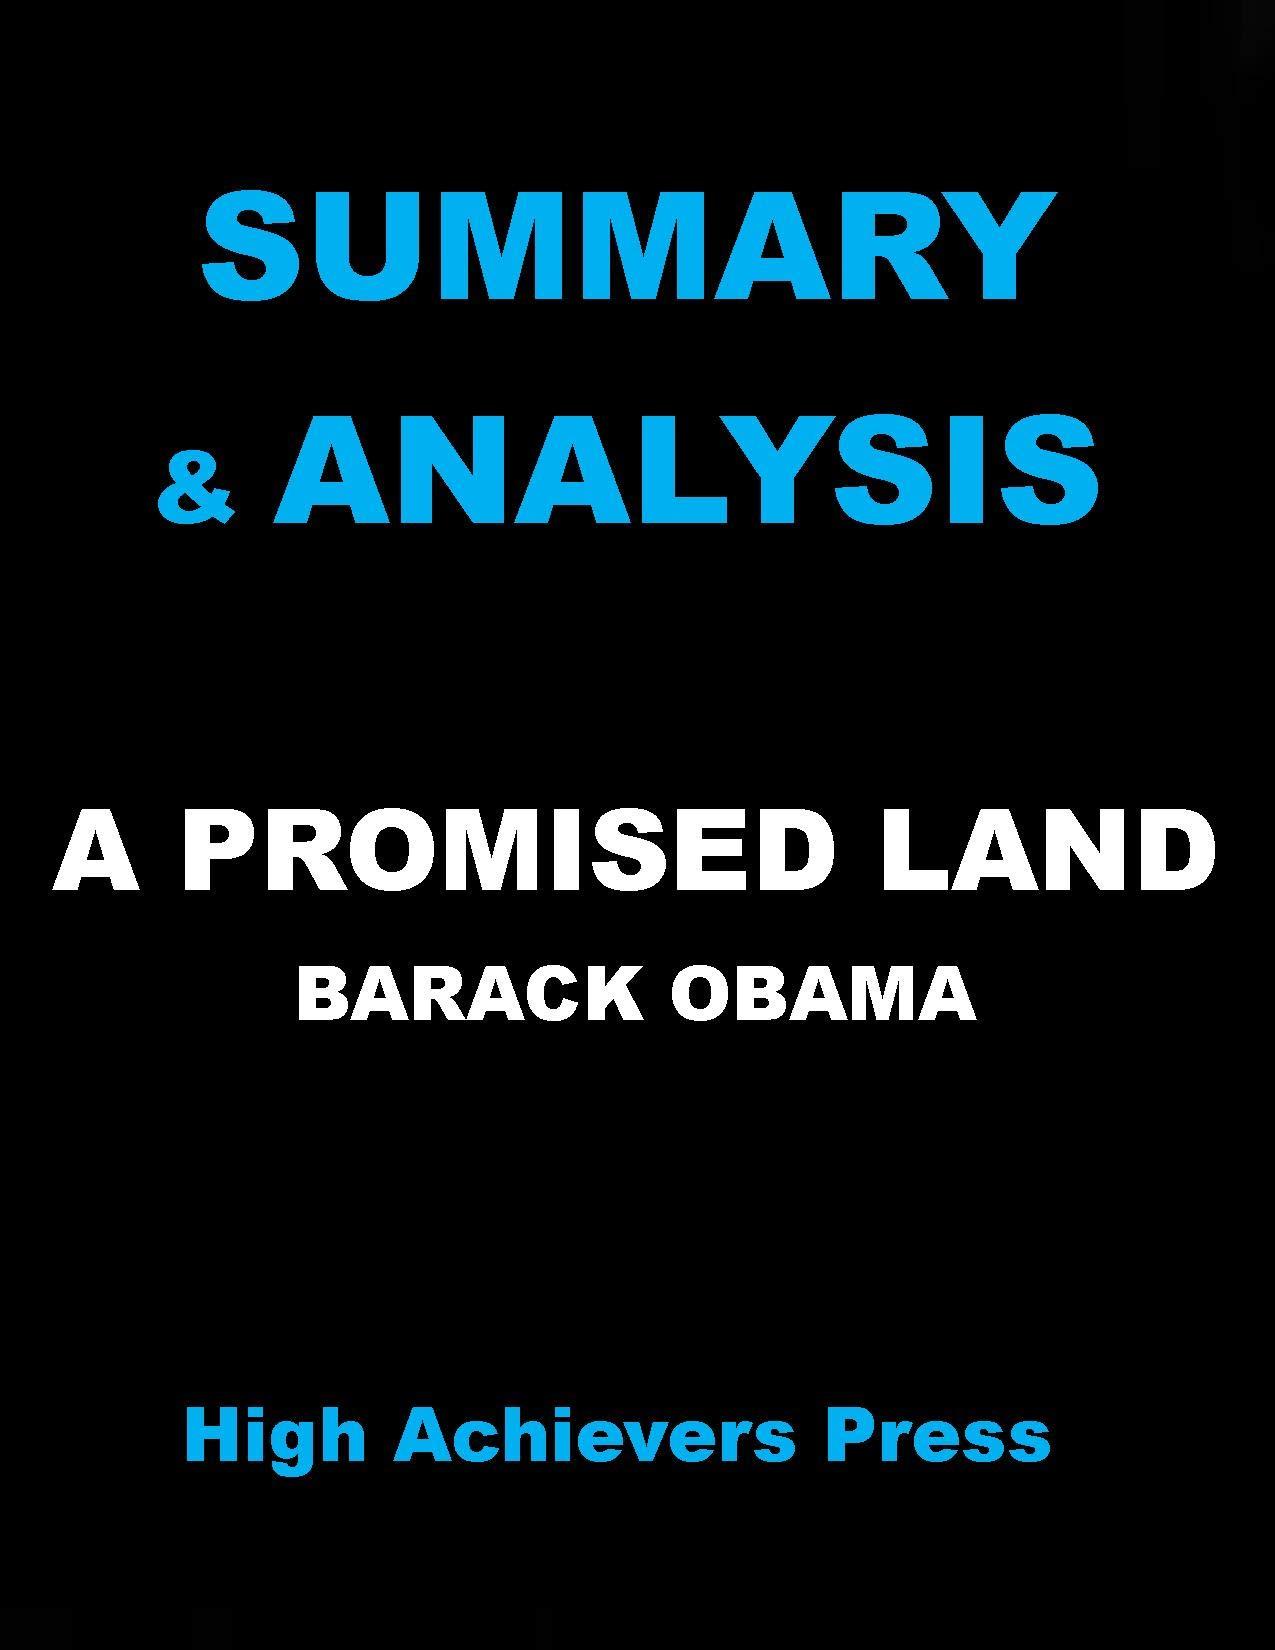 SUMMARY & ANALYSIS: A PROMISED LAND By Barack Obama